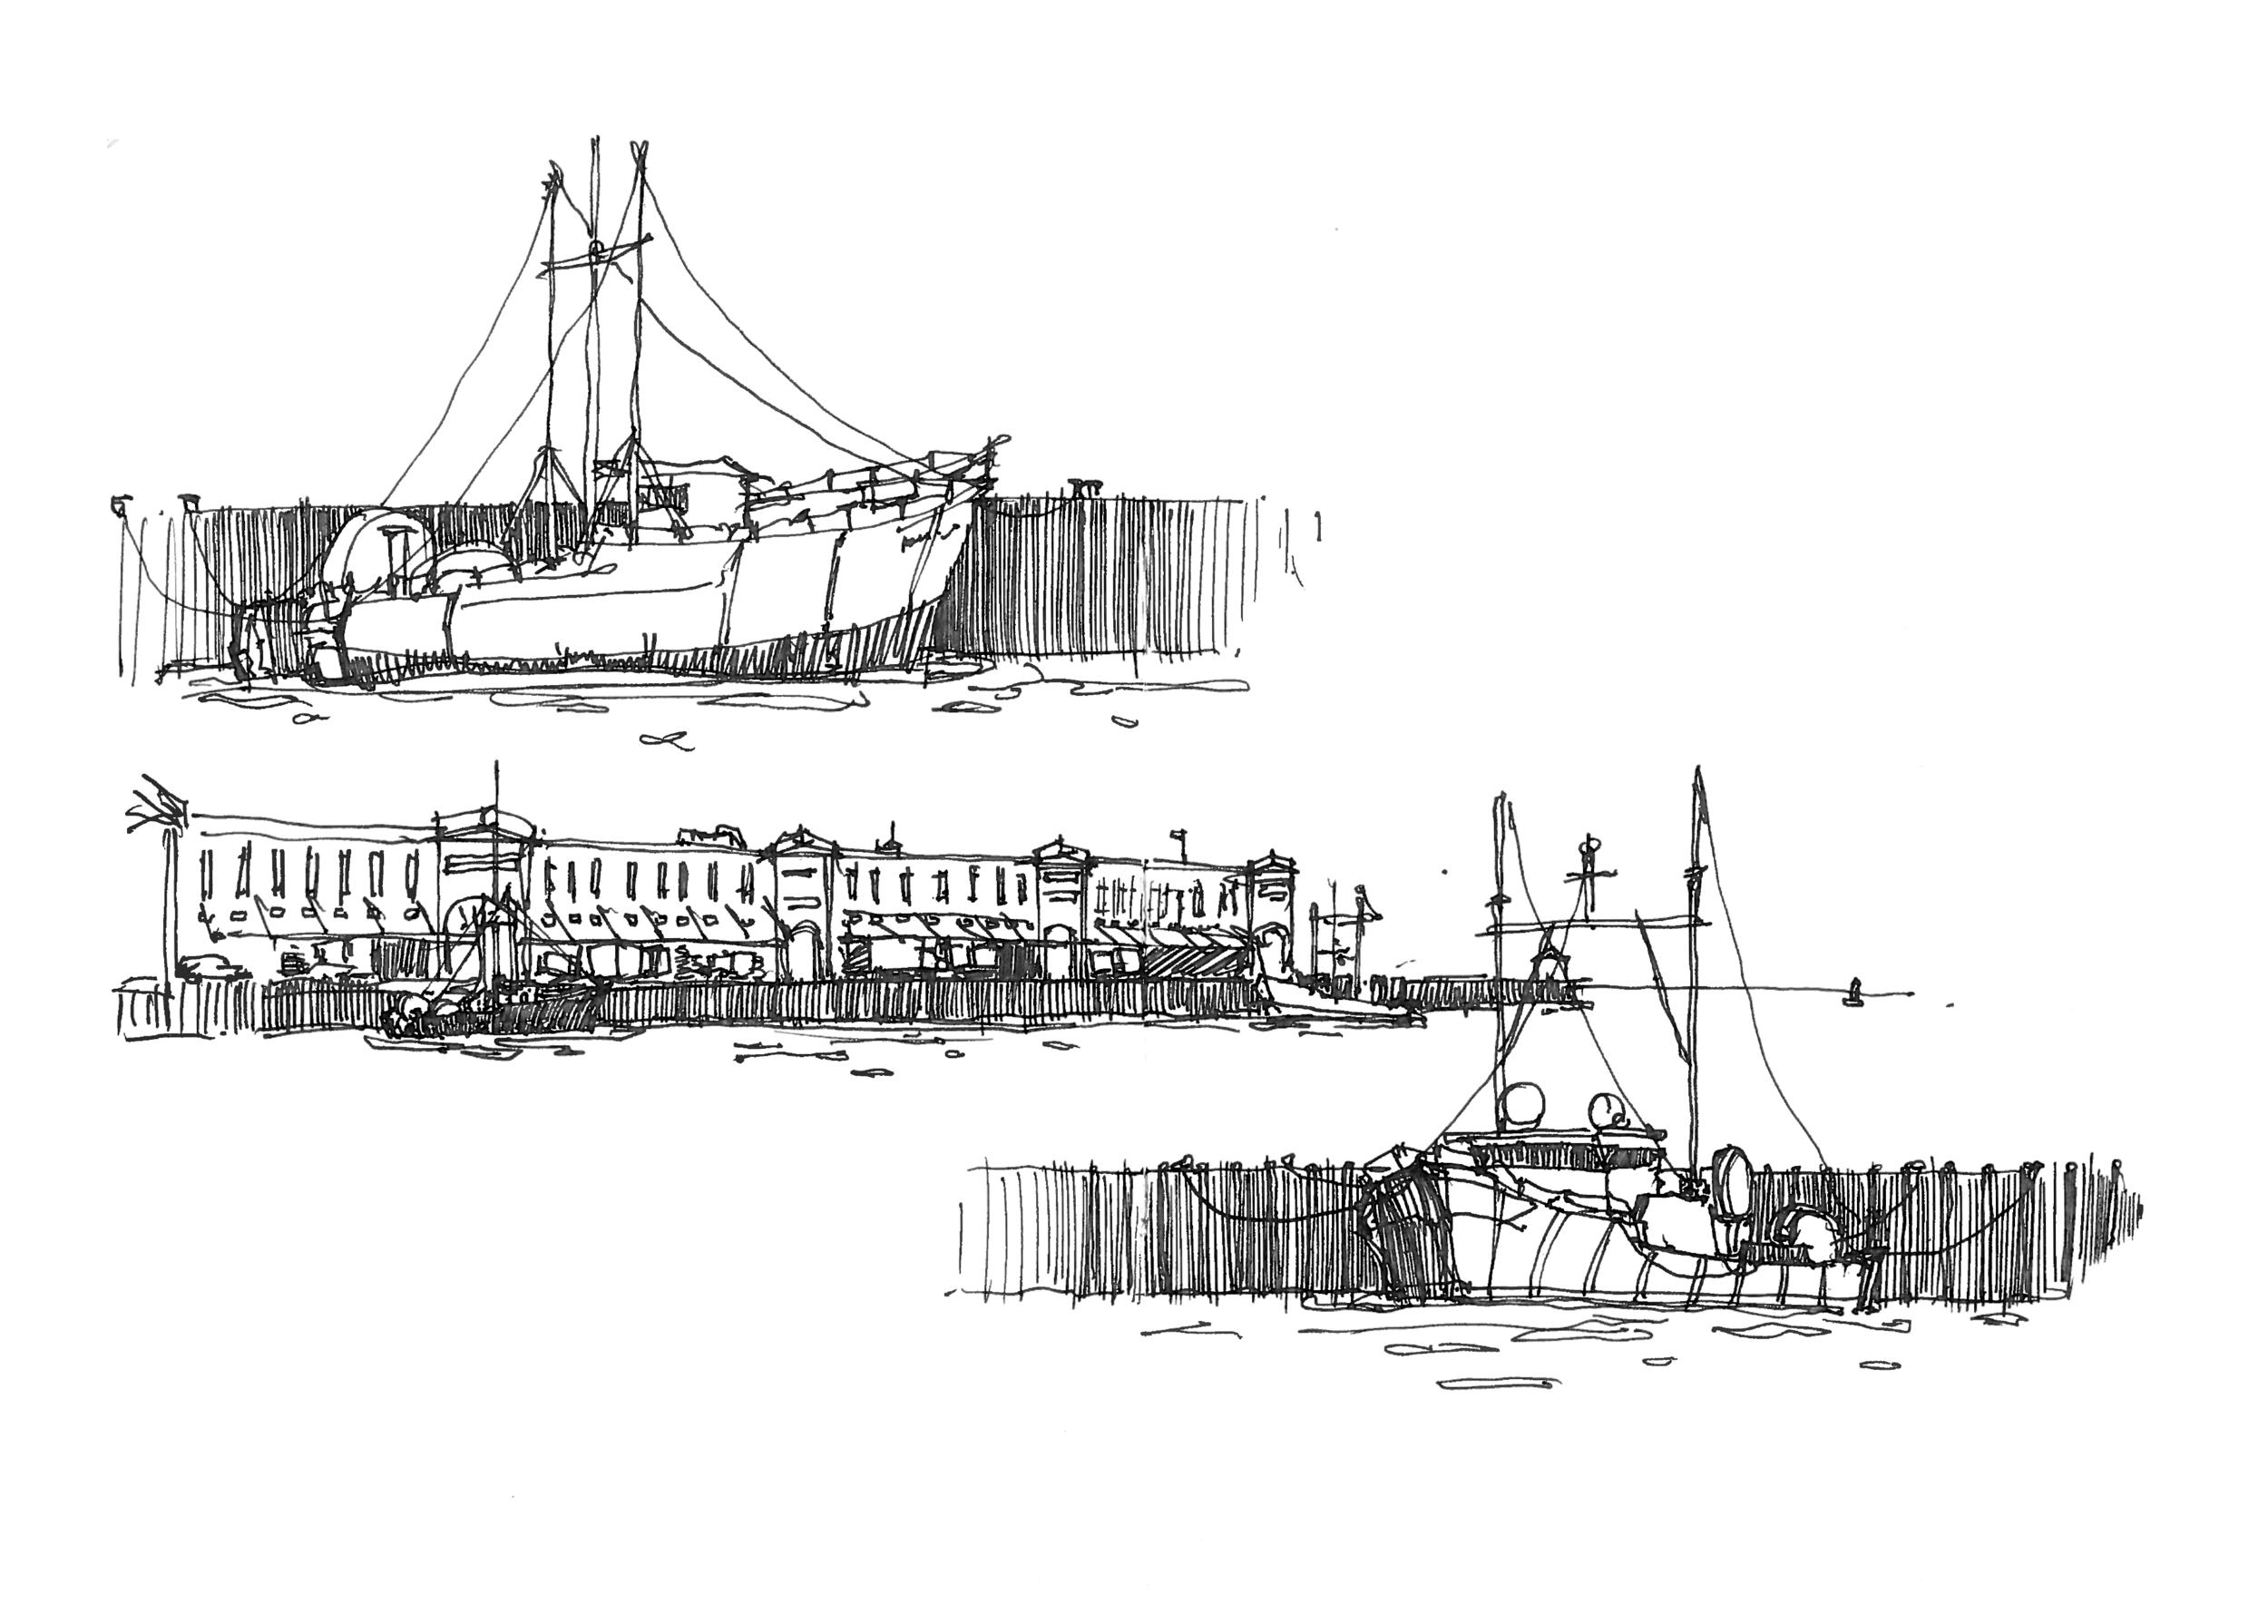 bostonboatsfancy.png